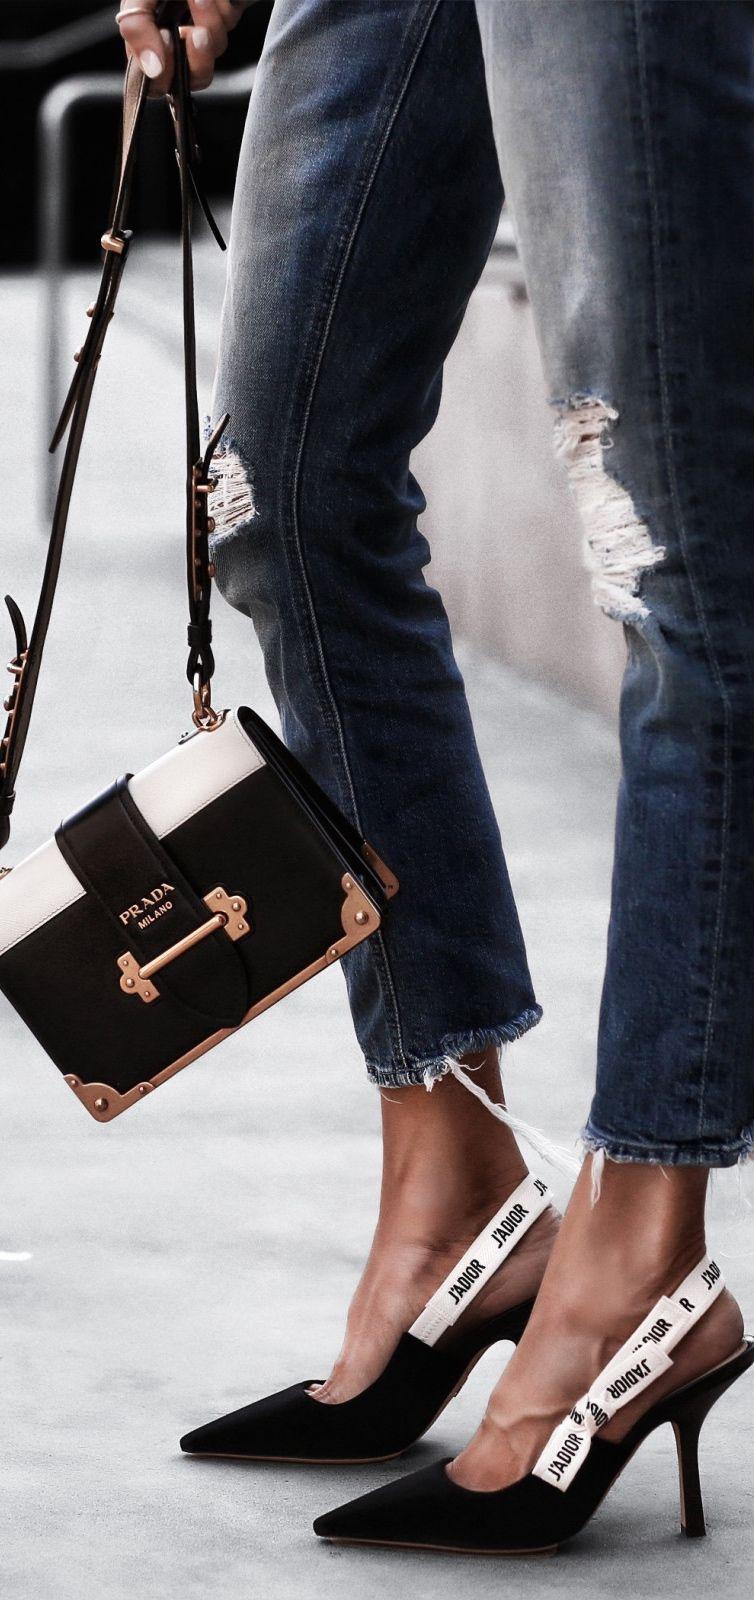 Prada Chaussures Femme, Sac À Main, Accessoires, Haute Couture, Sac Prada, 71f0ee0c60a